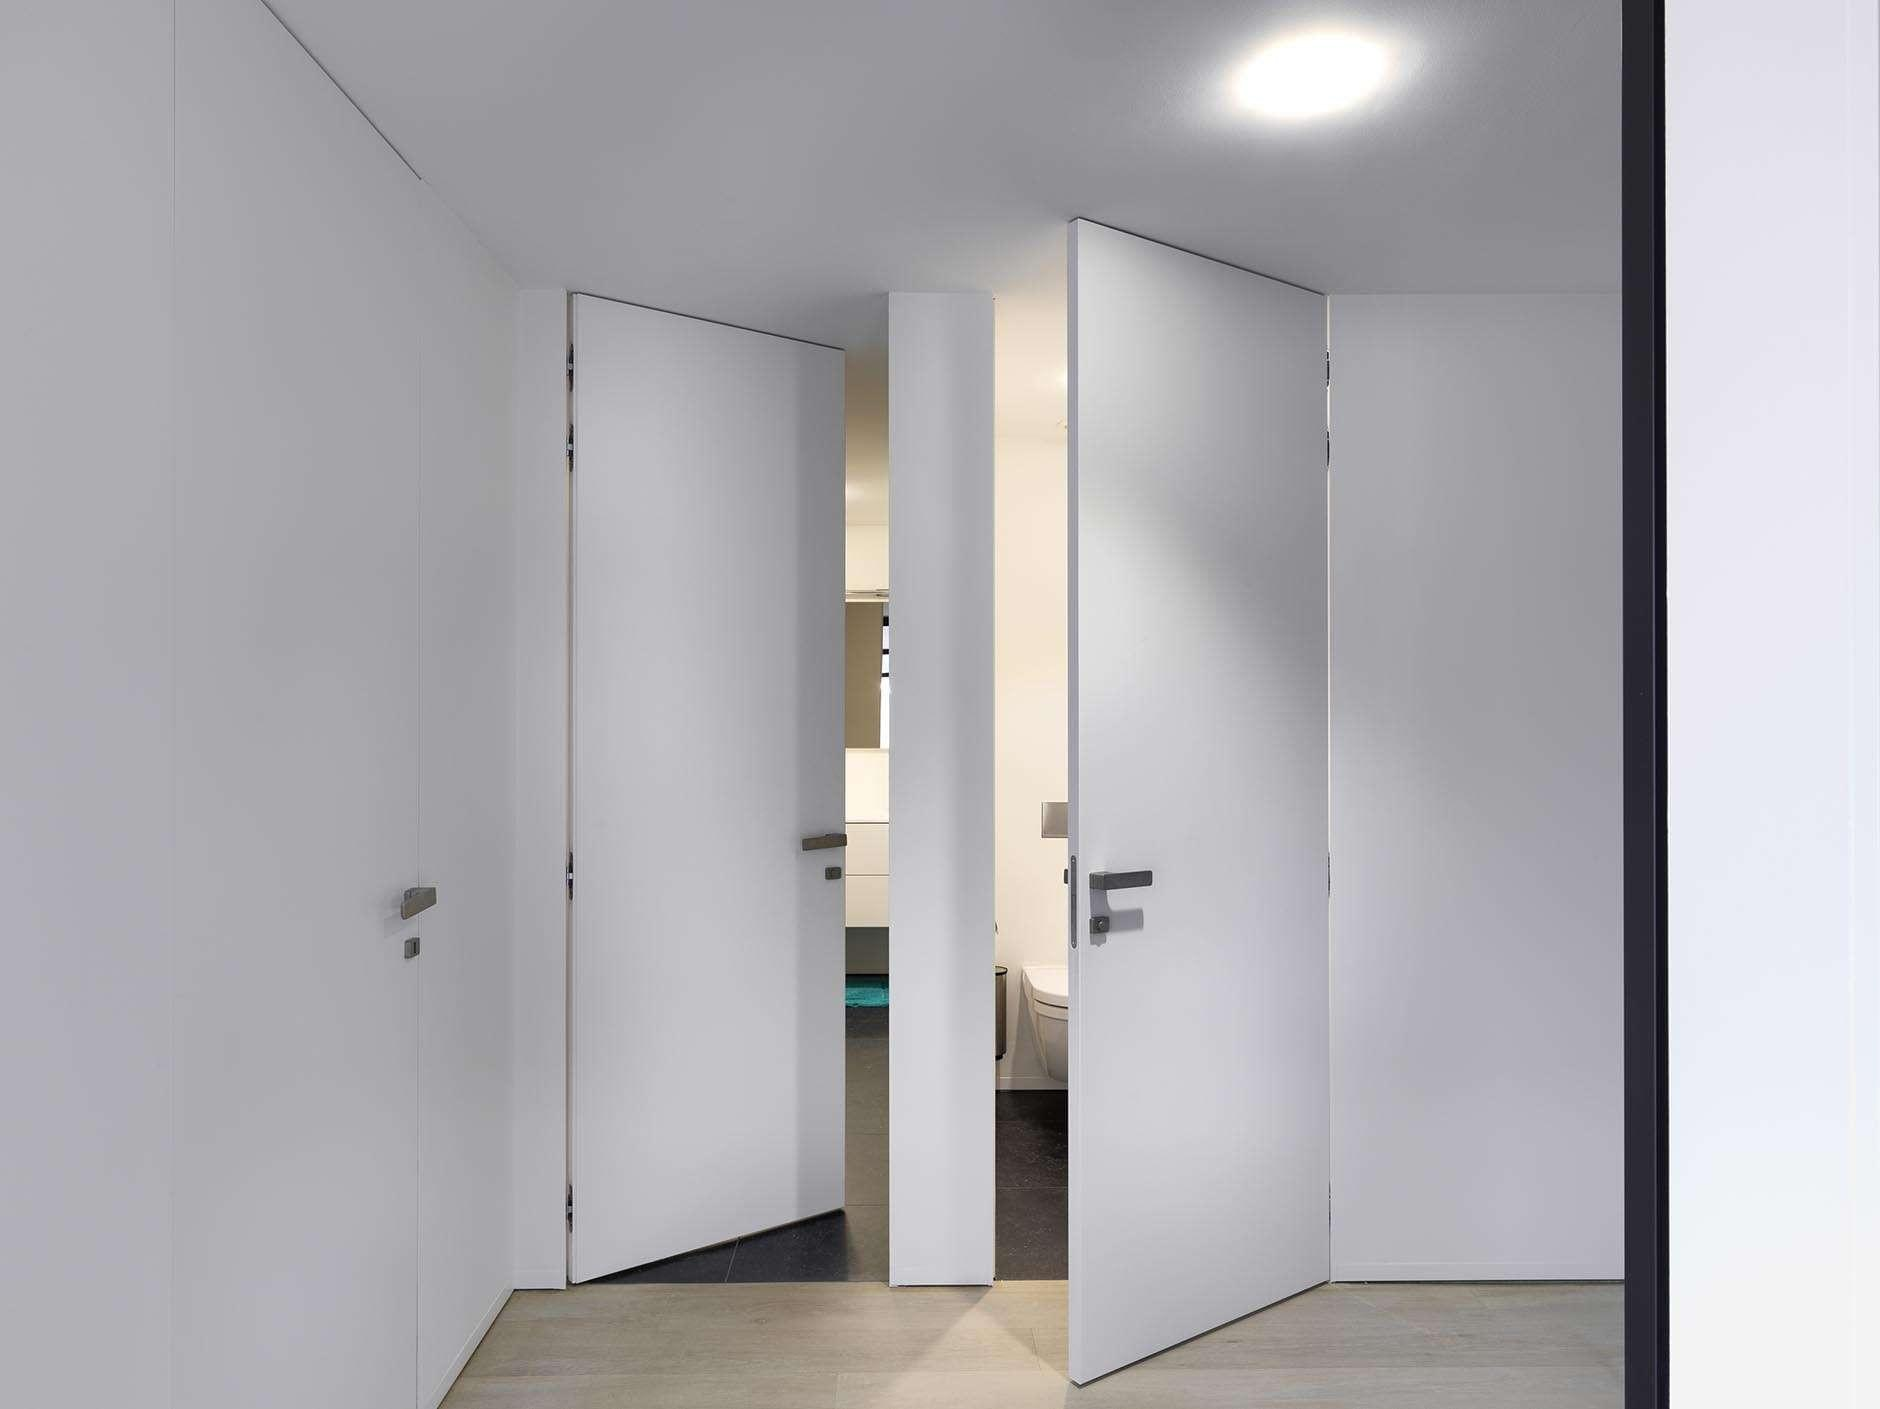 gandeuren-in-zelfde-vlak-plafondhoog-strak